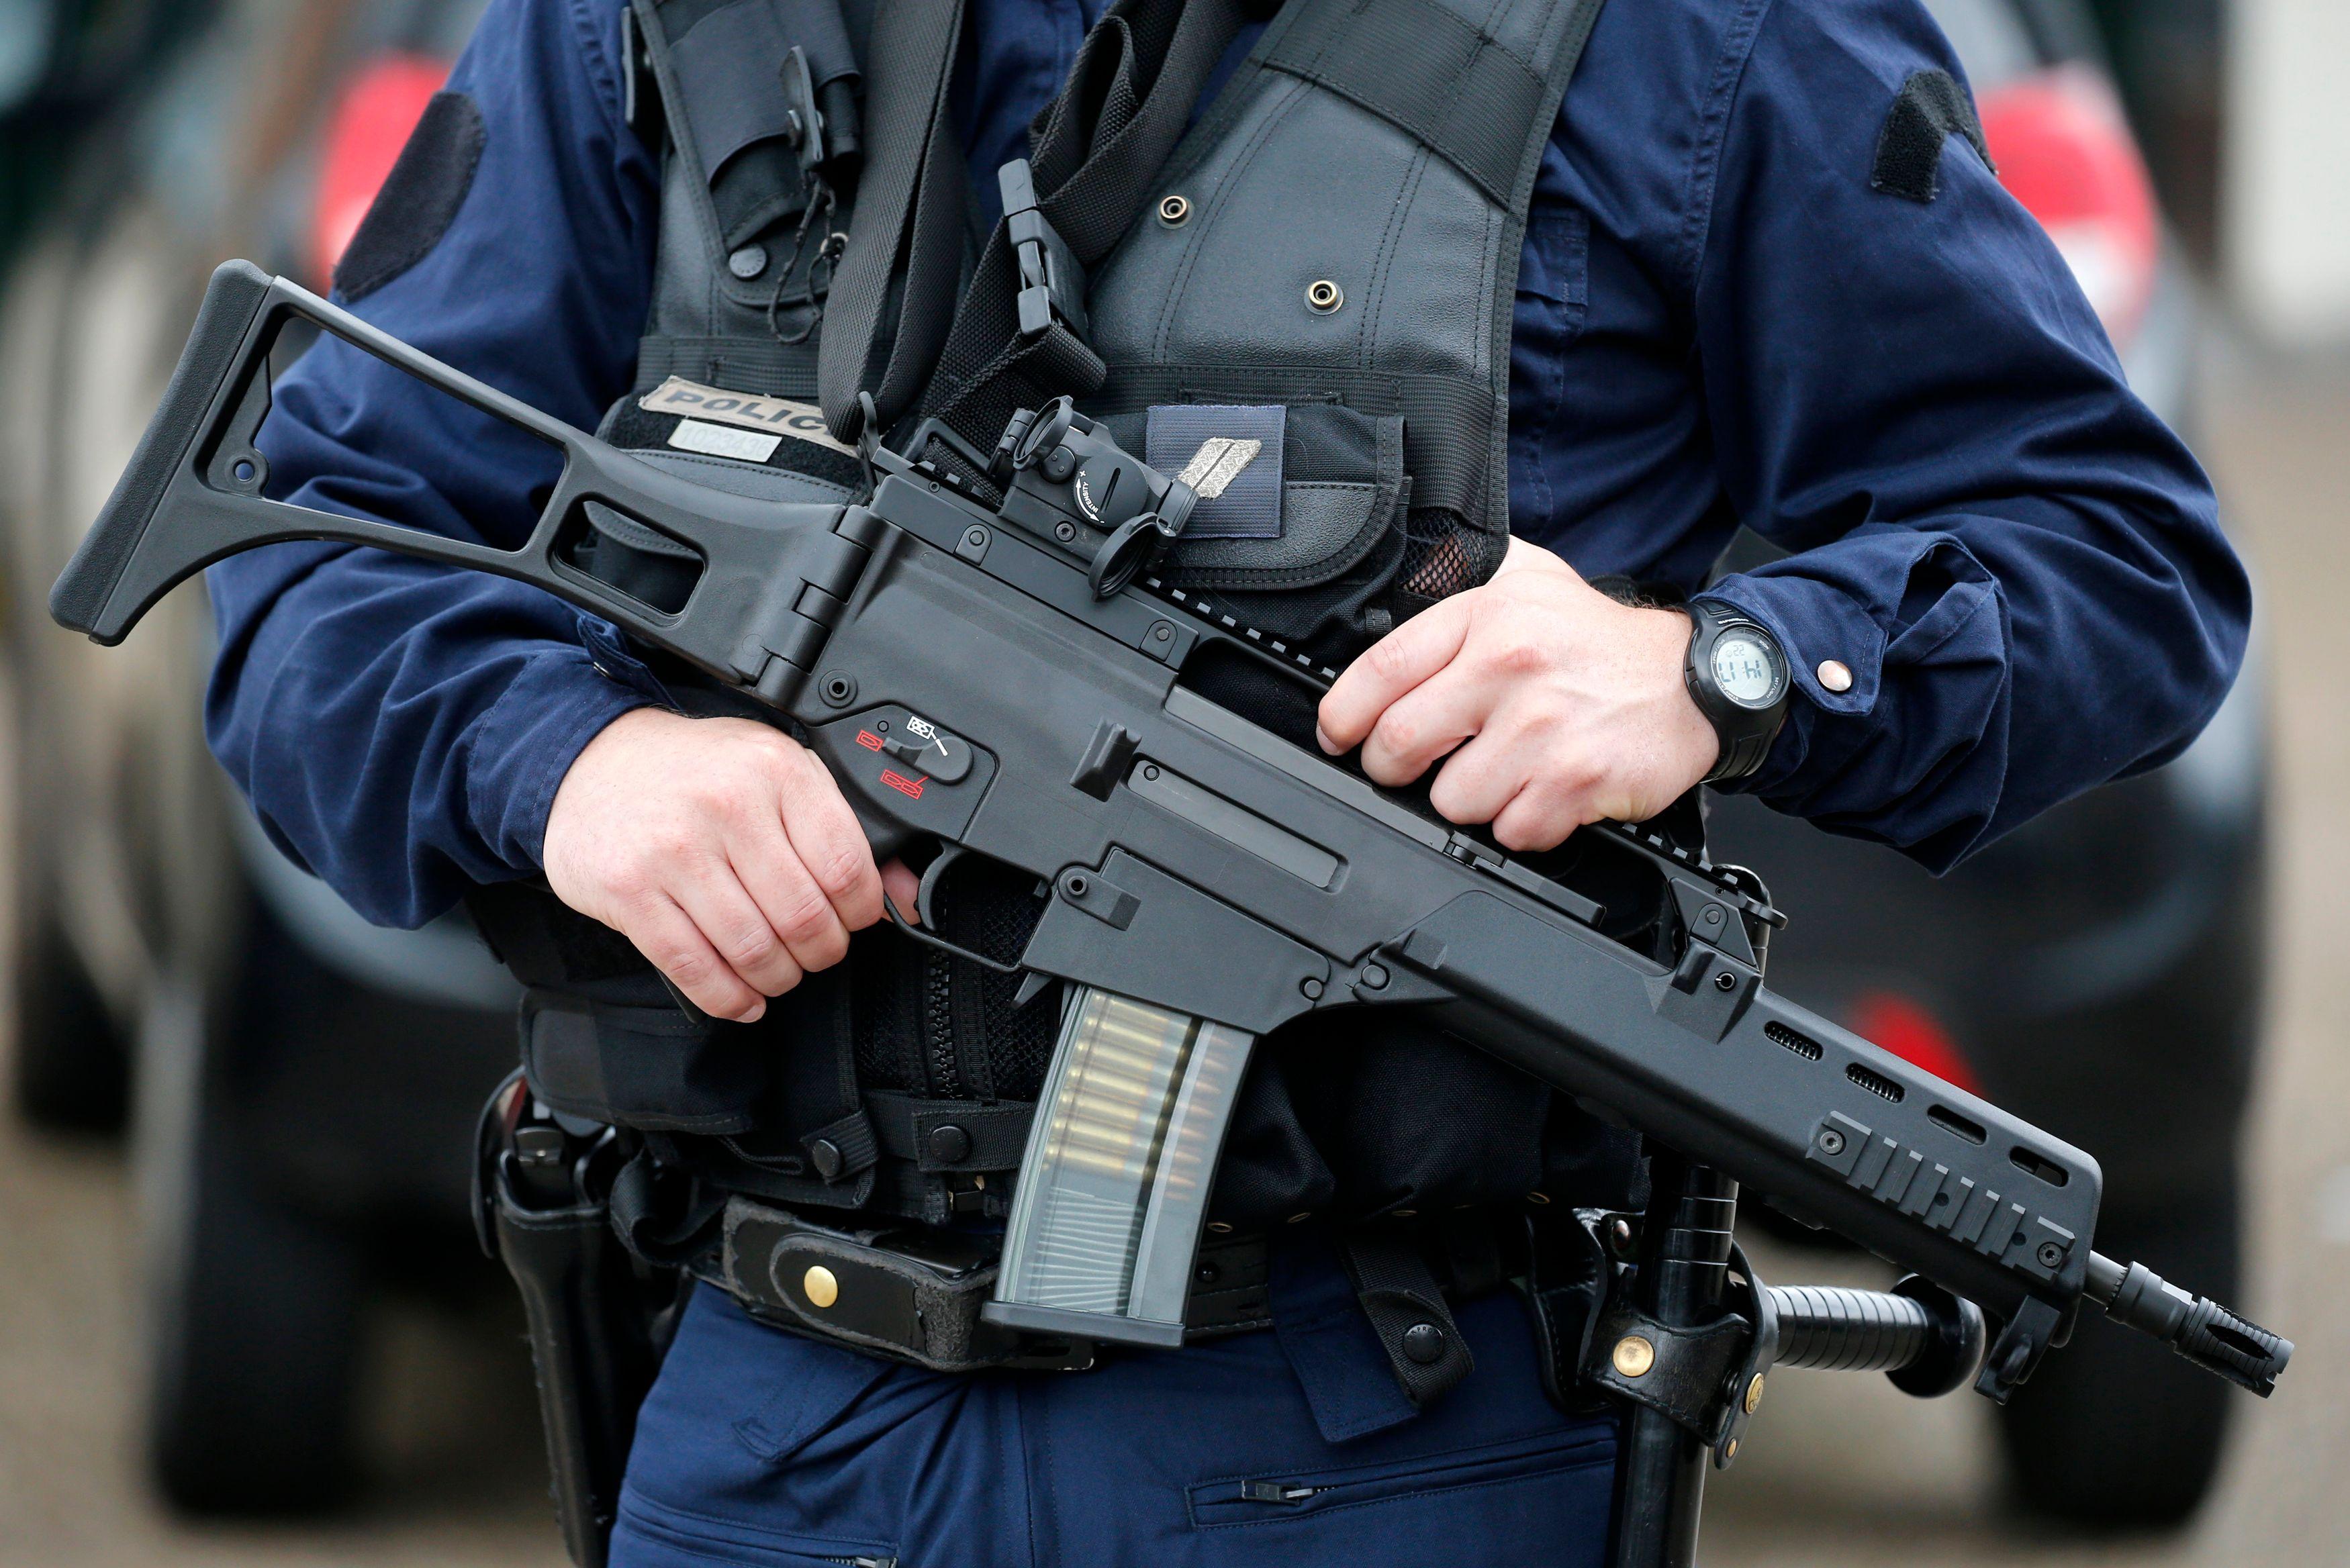 Attentat déjoué : les 5 suspects vont être mis en examen